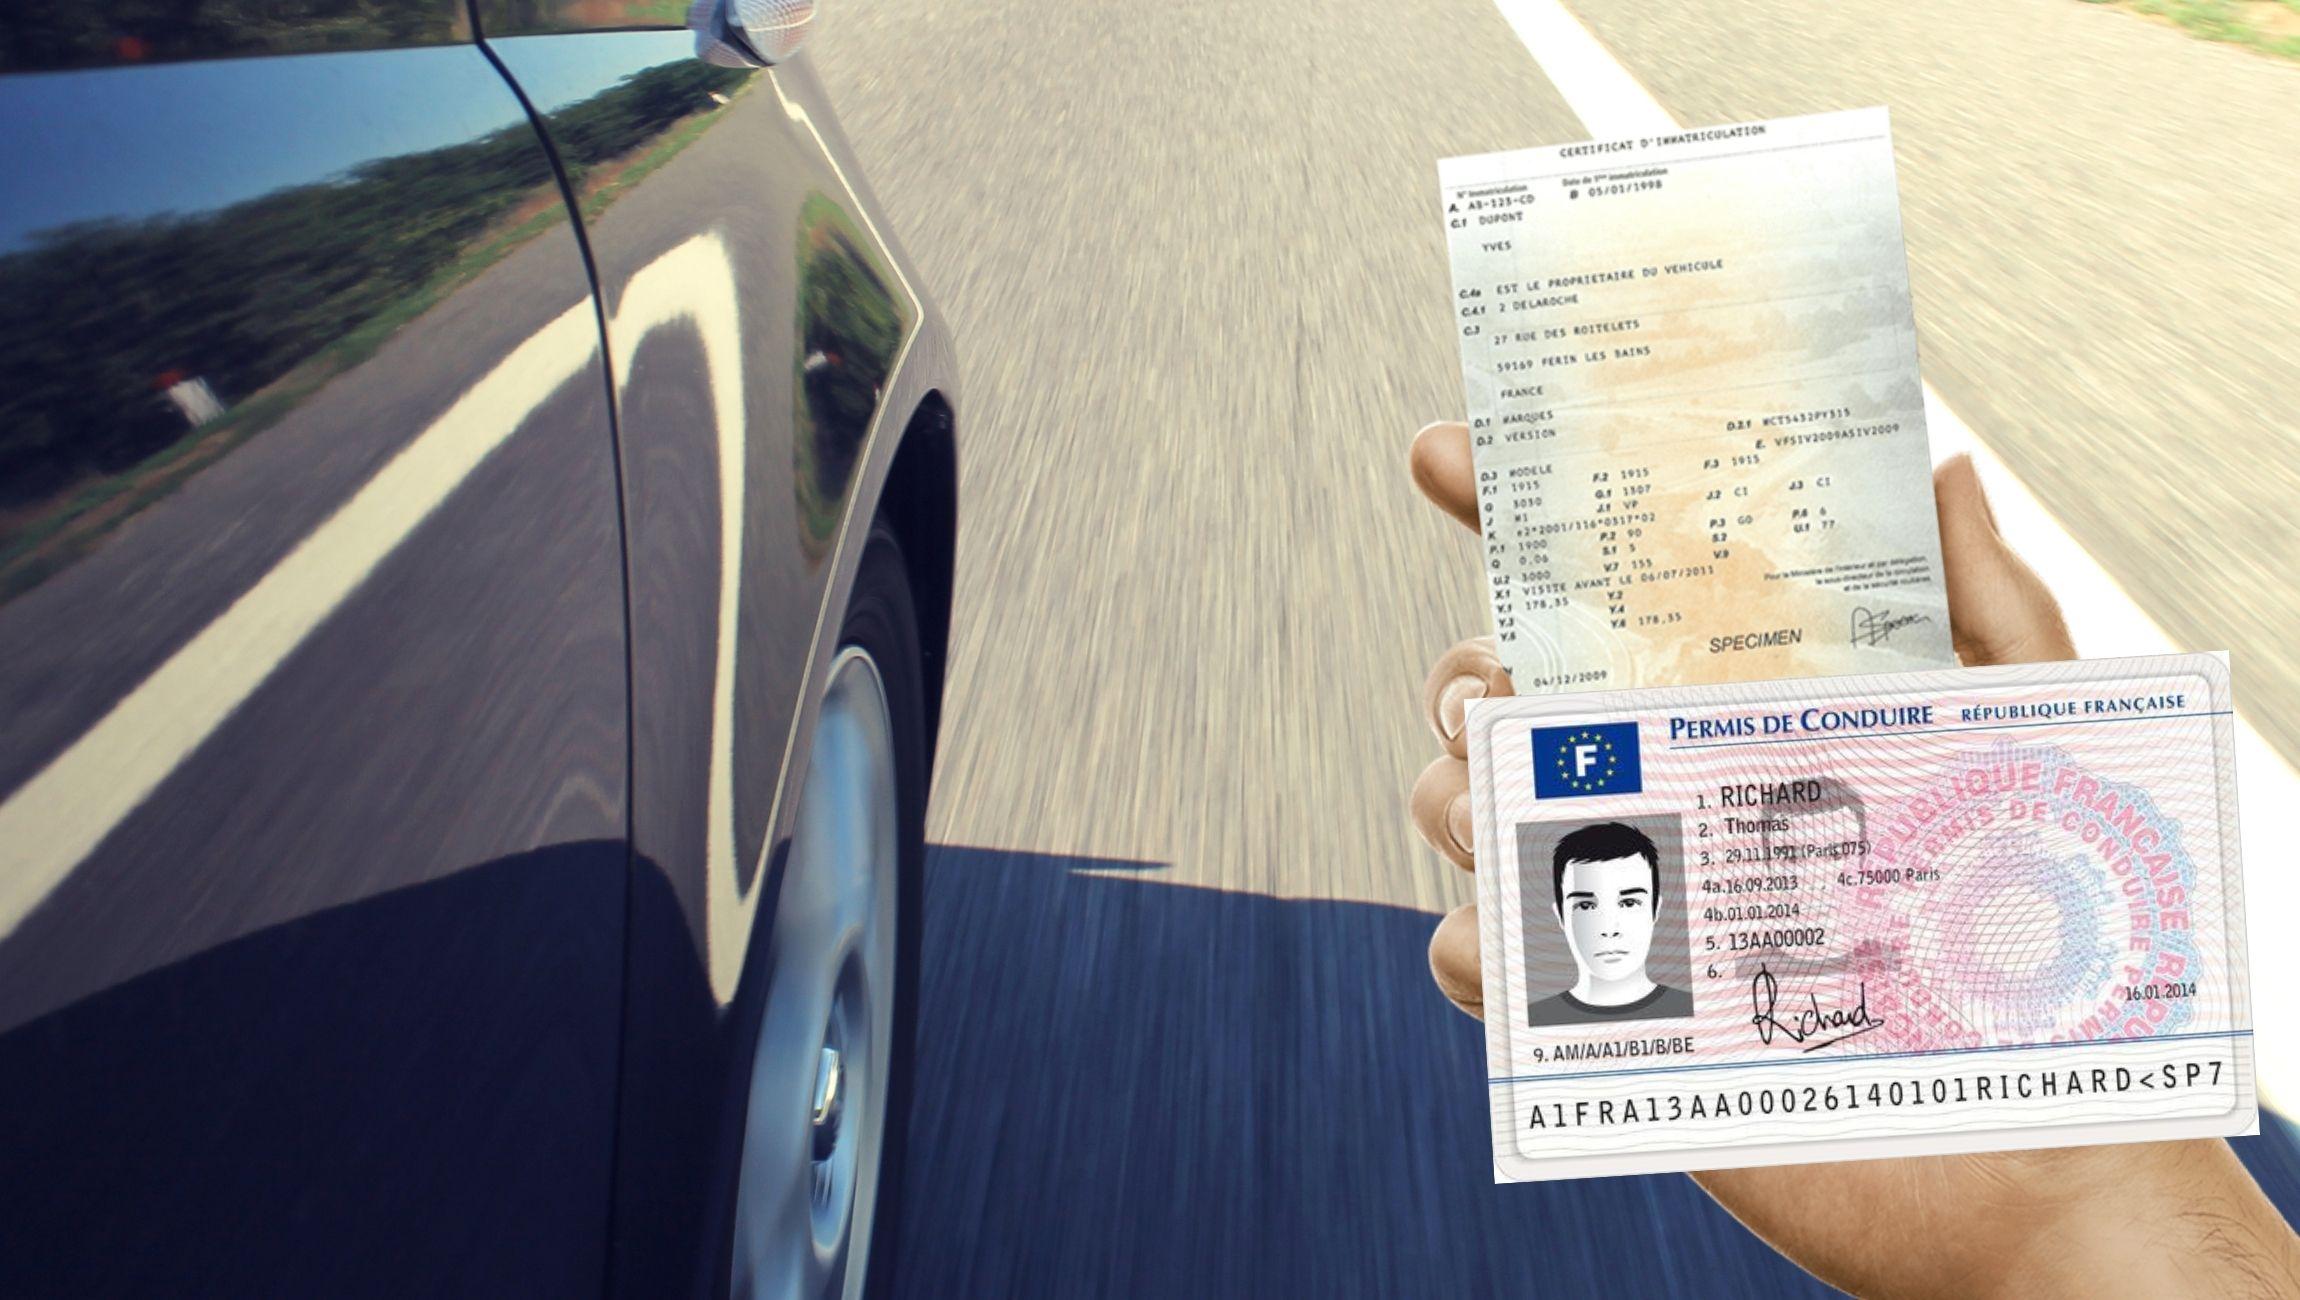 Perte carte grise et permis de conduire : que faire ?